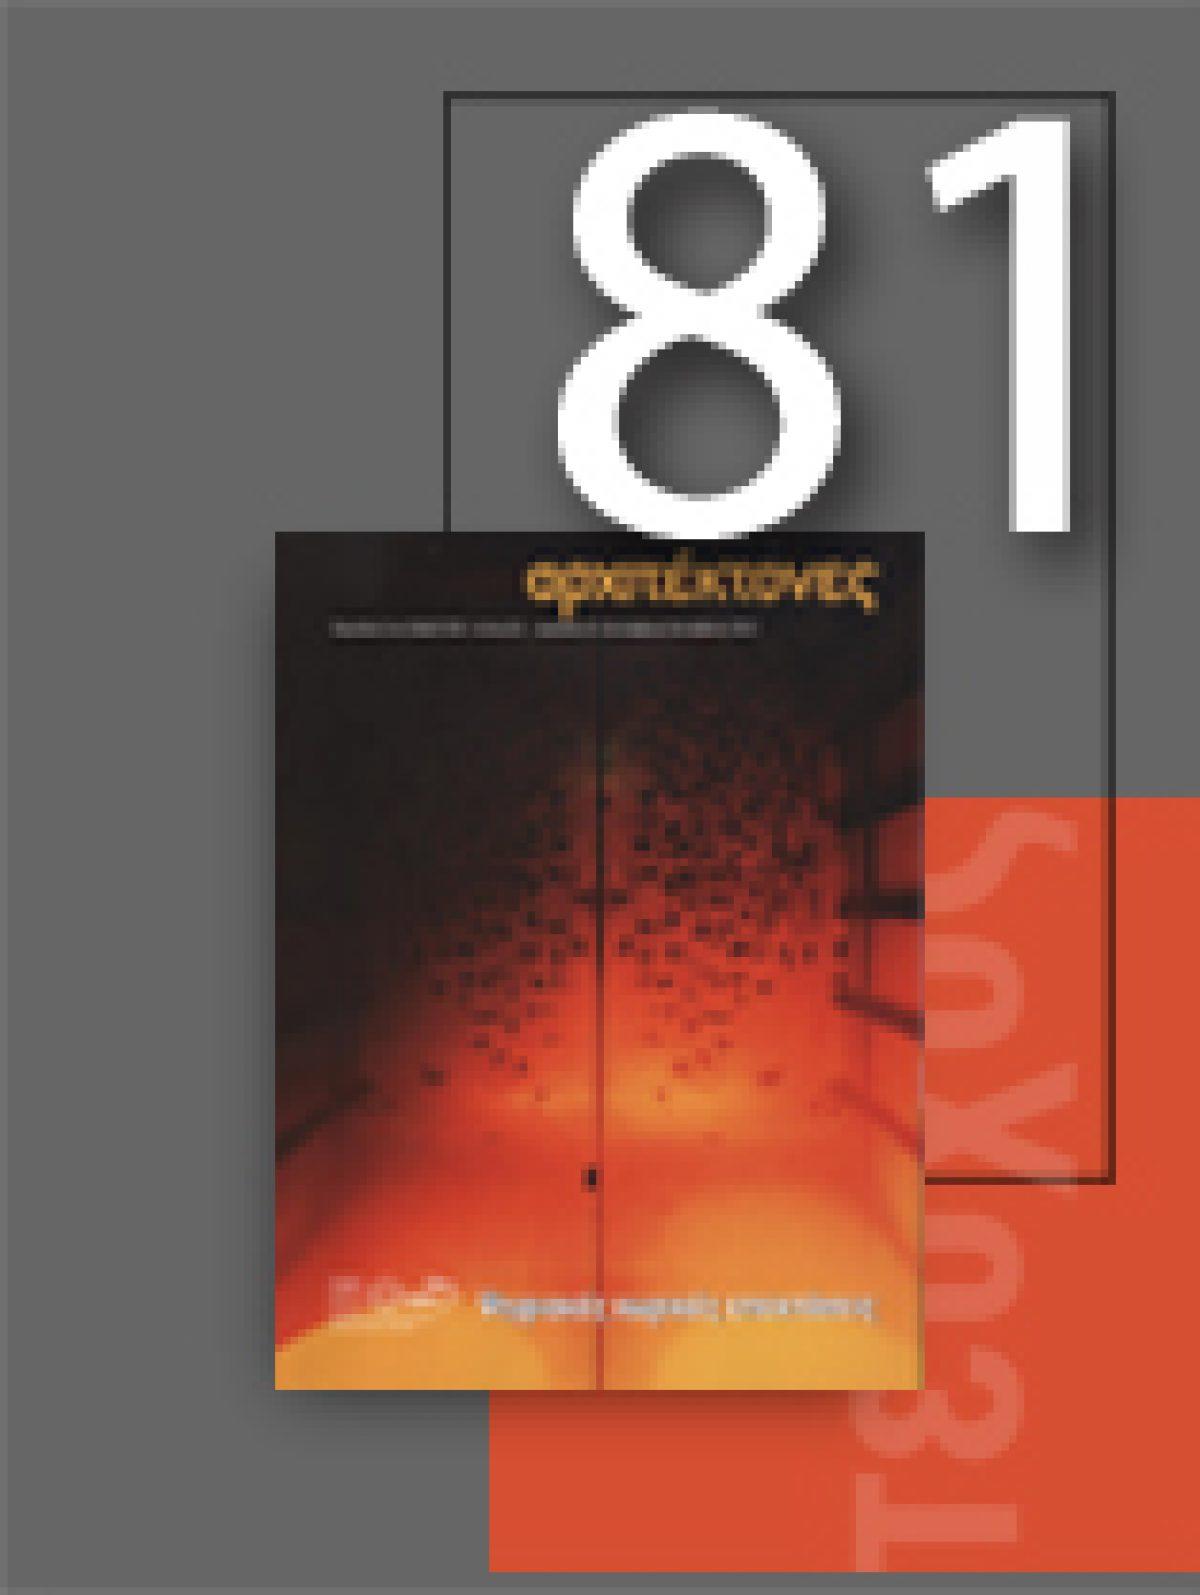 «Αρχιτέκτονες» Τεύχος 81 , Περίοδος Β', Σεπτέμβριος/Οκτώβριος 2010 | Ψηφιακές χωρικές επεκτάσεις